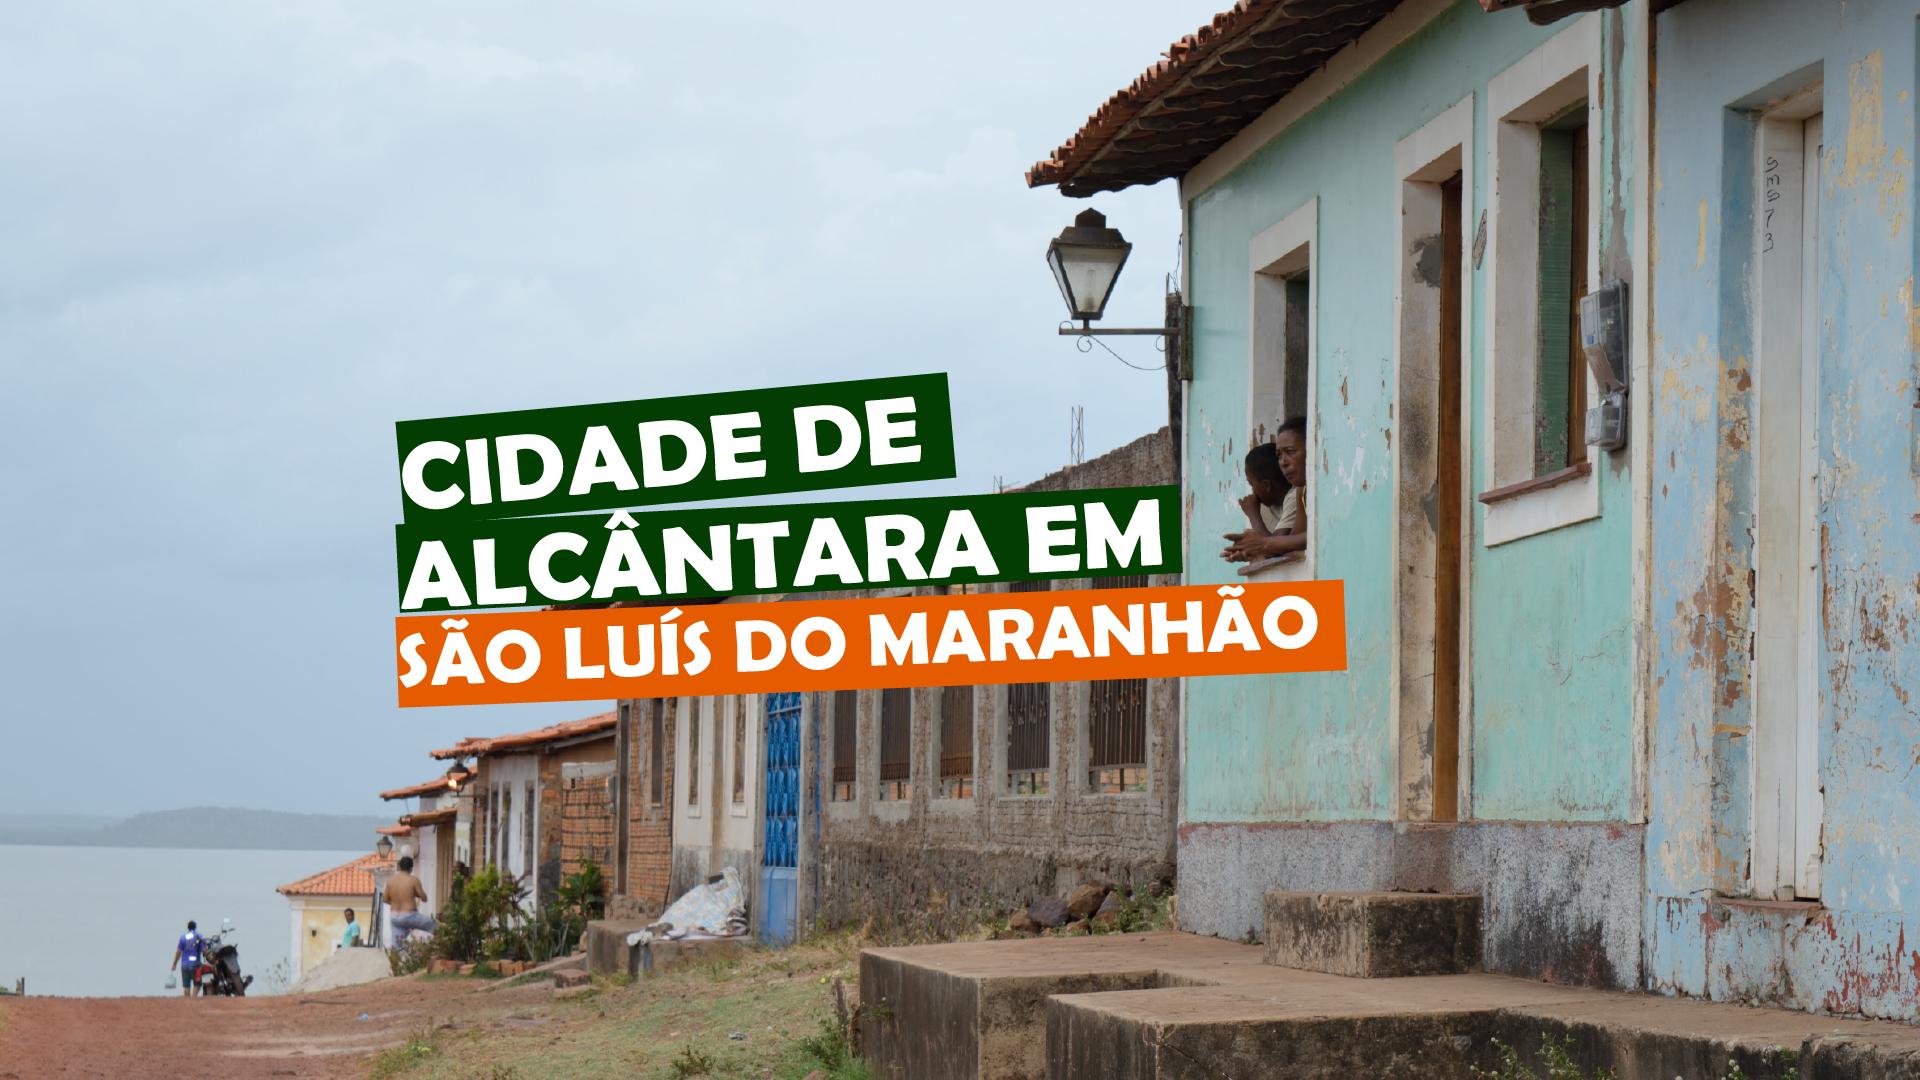 You are currently viewing CIDADE DE ALCÂNTARA EM SÃO LUÍS DO MARANHÃO